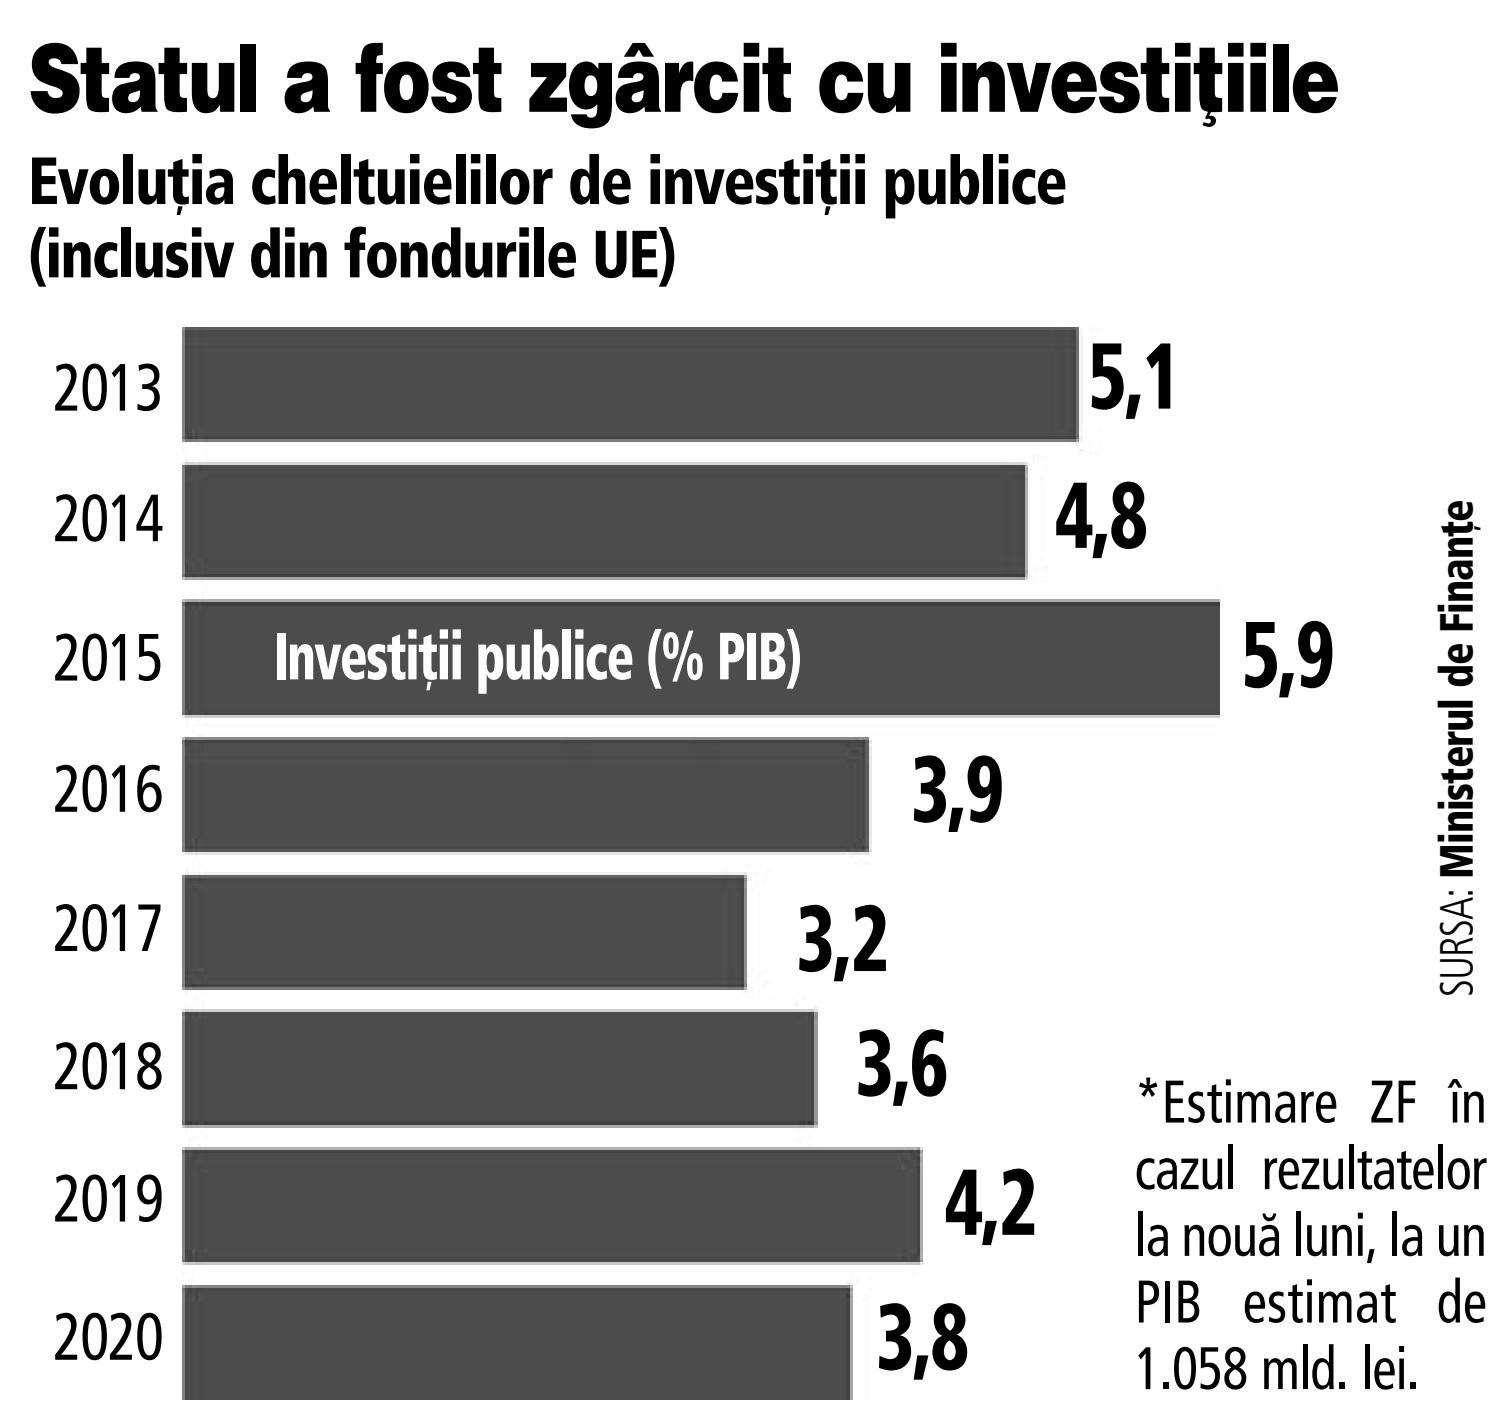 Investiții în proiecte profitabile. Unde să investești bani sau cea mai profitabilă investiție